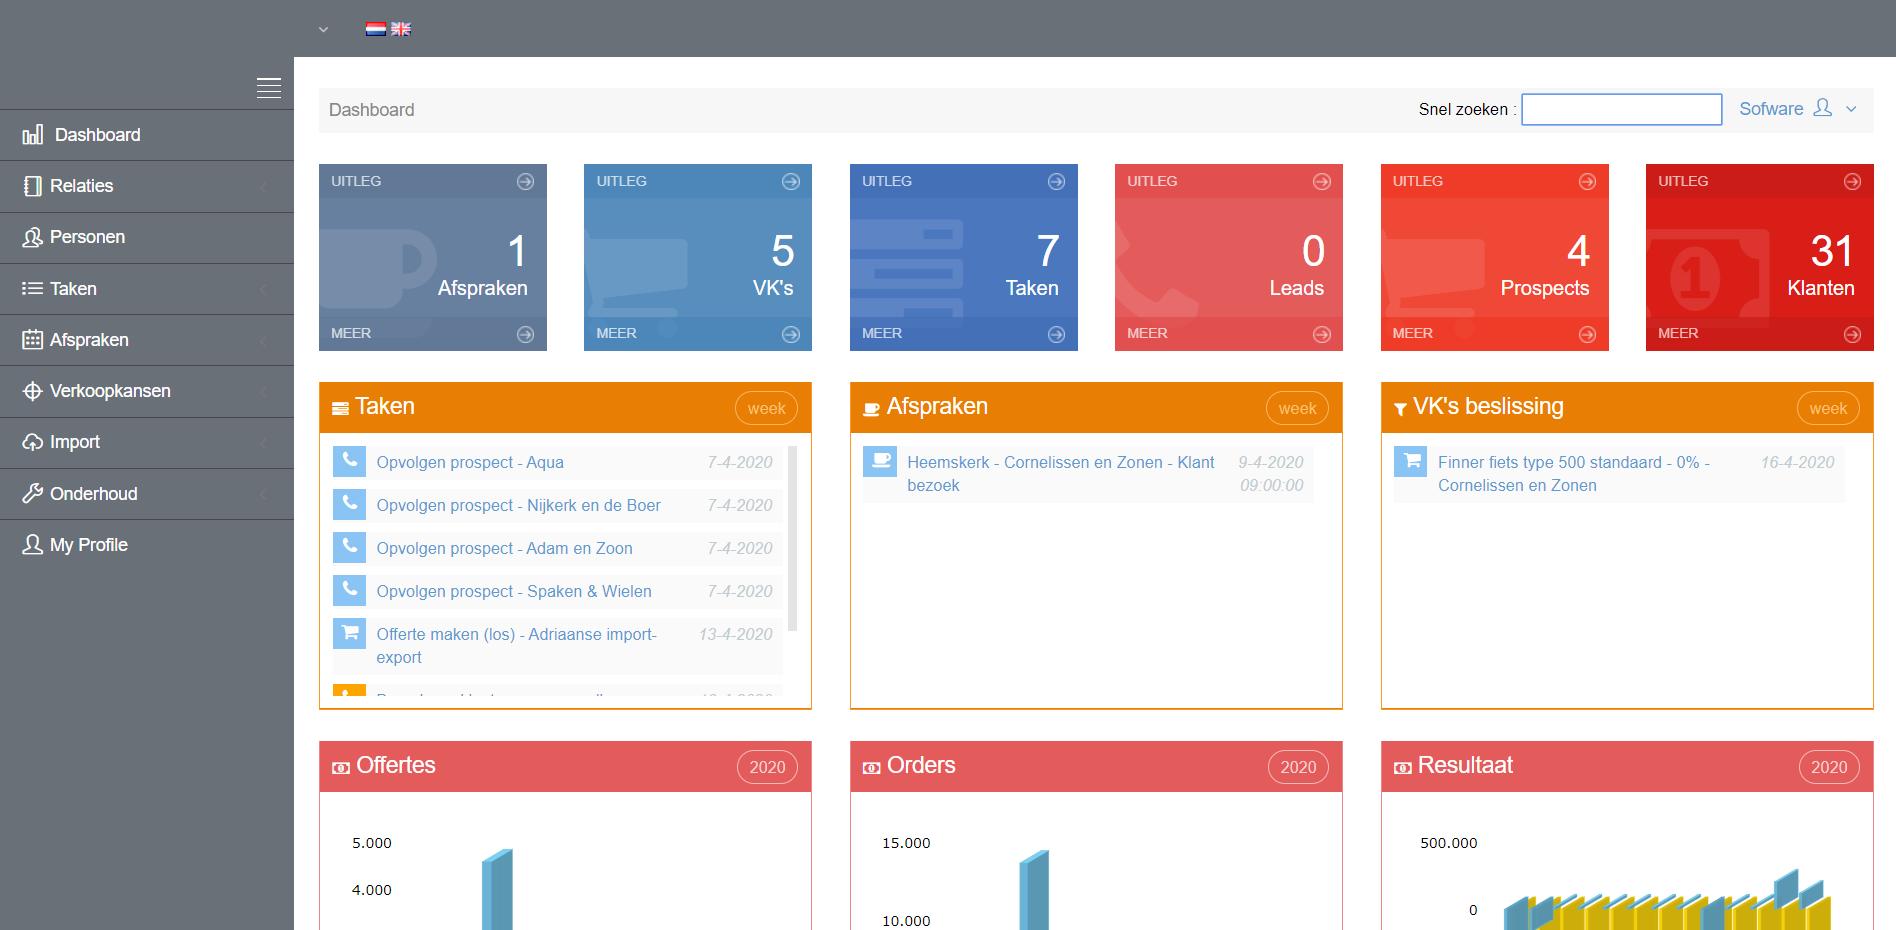 VitoSoft dashboard